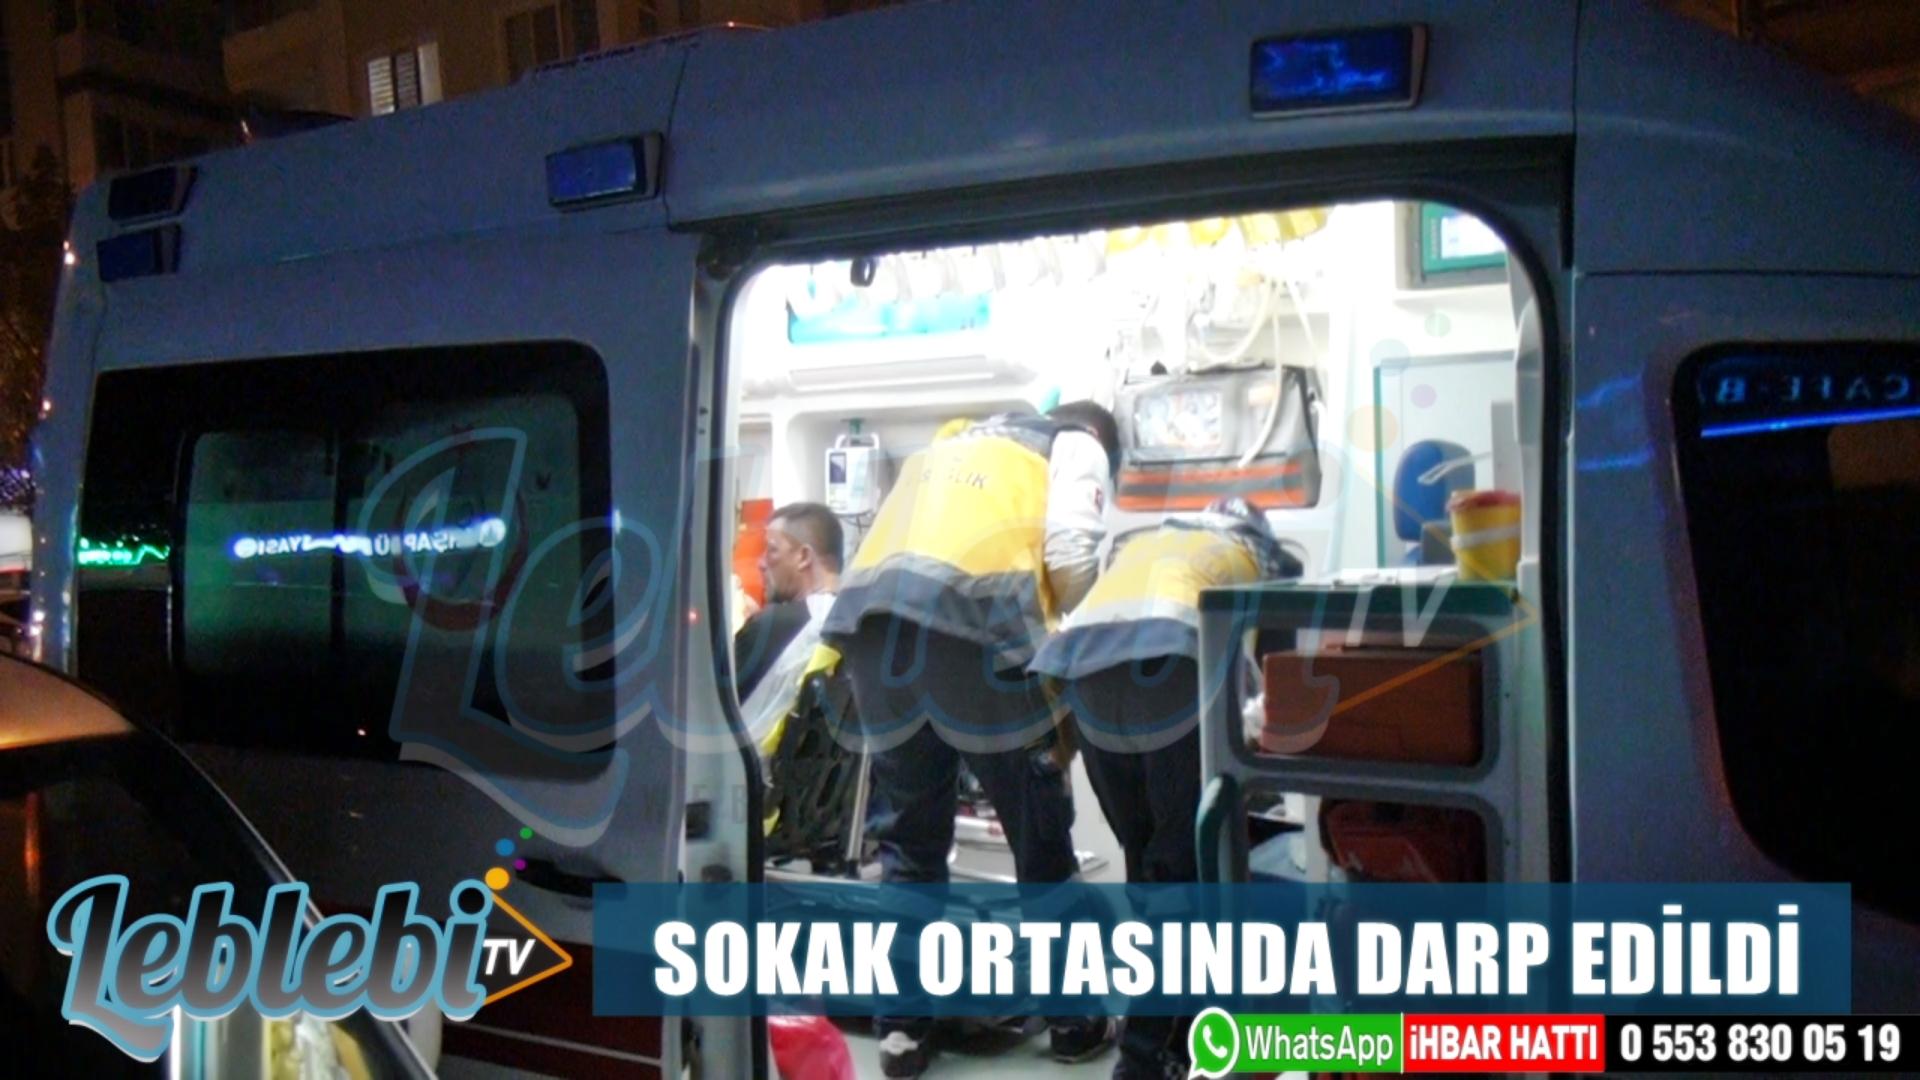 SOKAK ORTASINDA DARP EDİLDİ